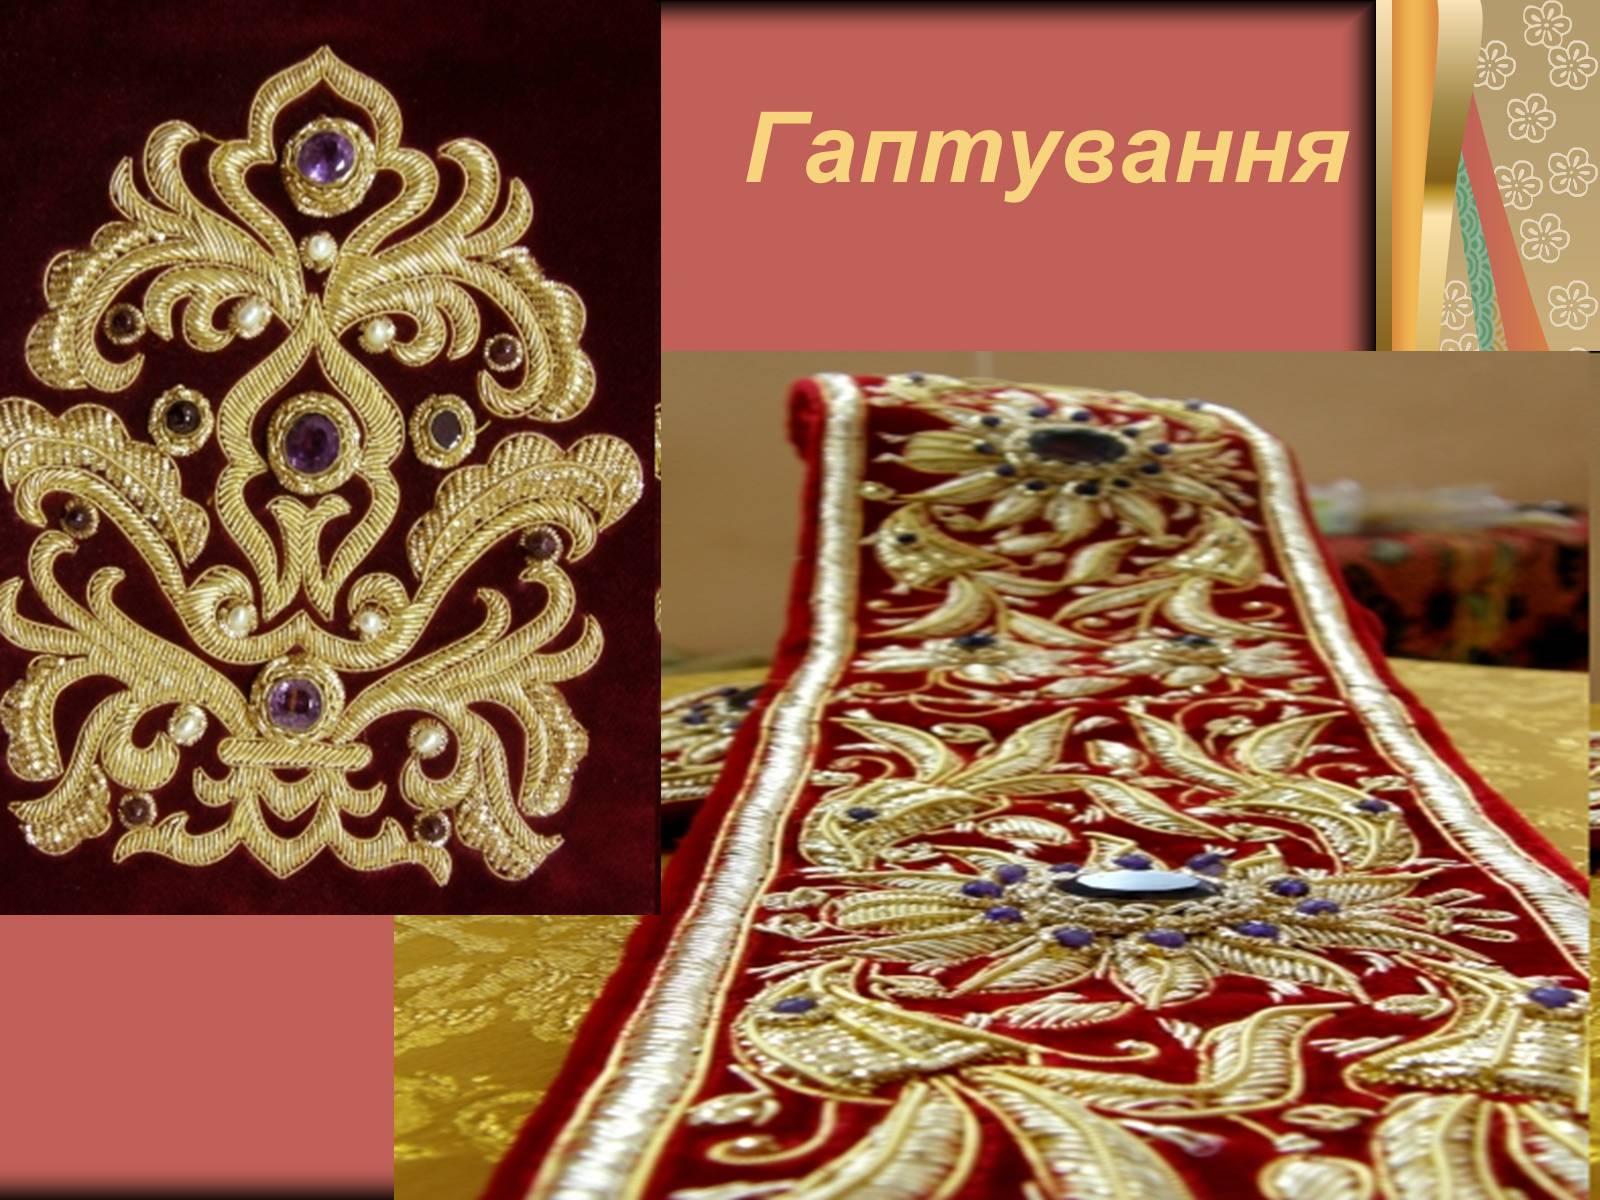 Какой Российский город с 13 века славится Золотой вышивкой по материи? 1